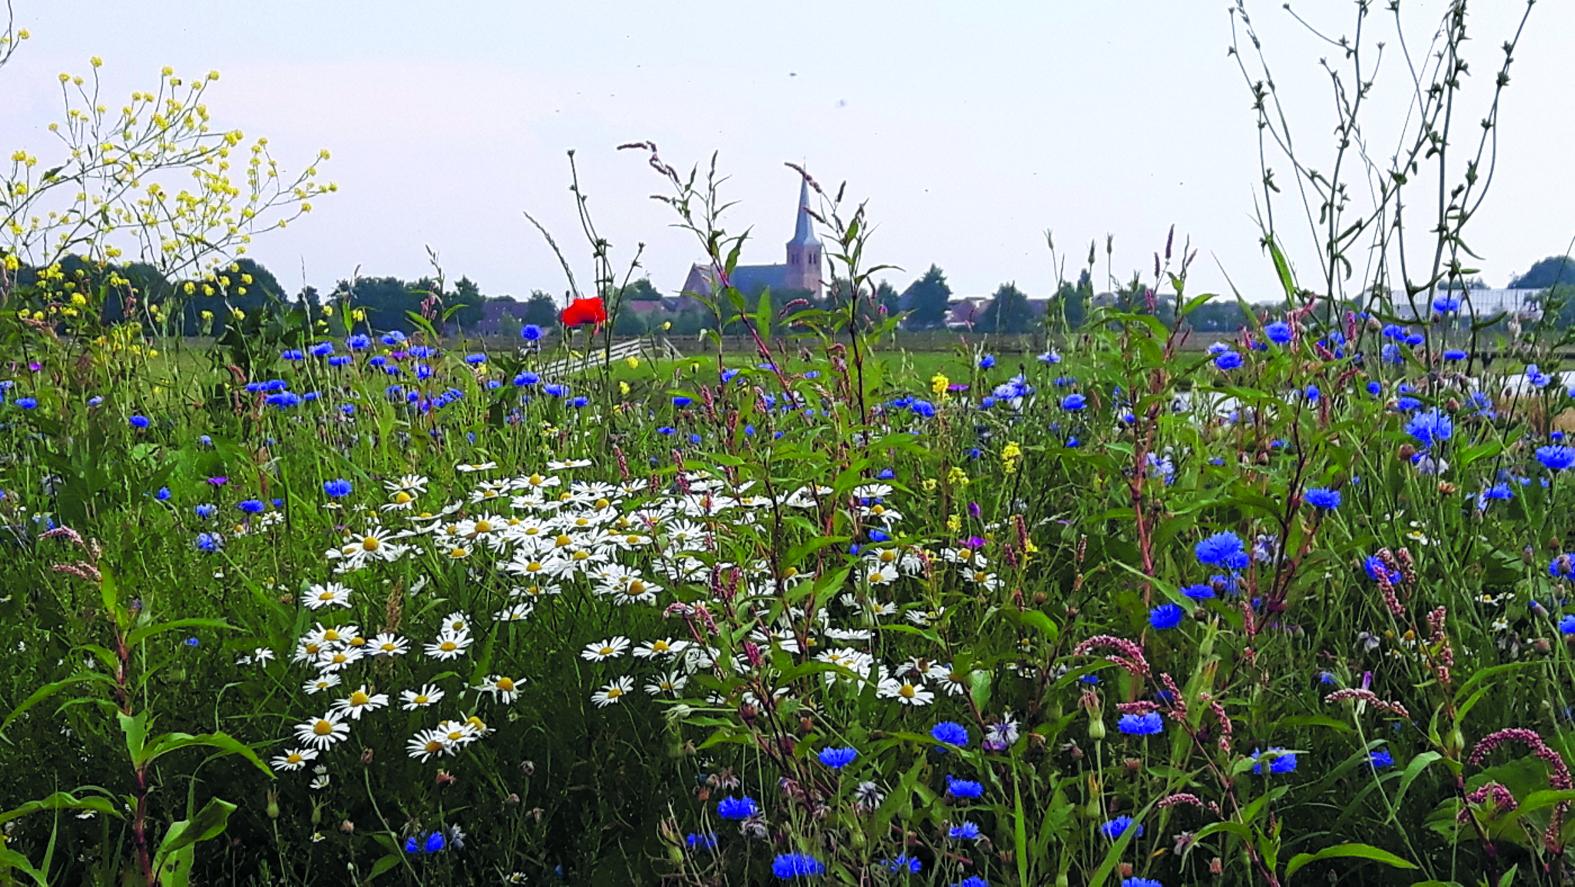 De gidsen vertellen over de historie en het beheer van dit gebied, de bloemen en planten en de vele (water)vogels. (Foto: Toos Brink)